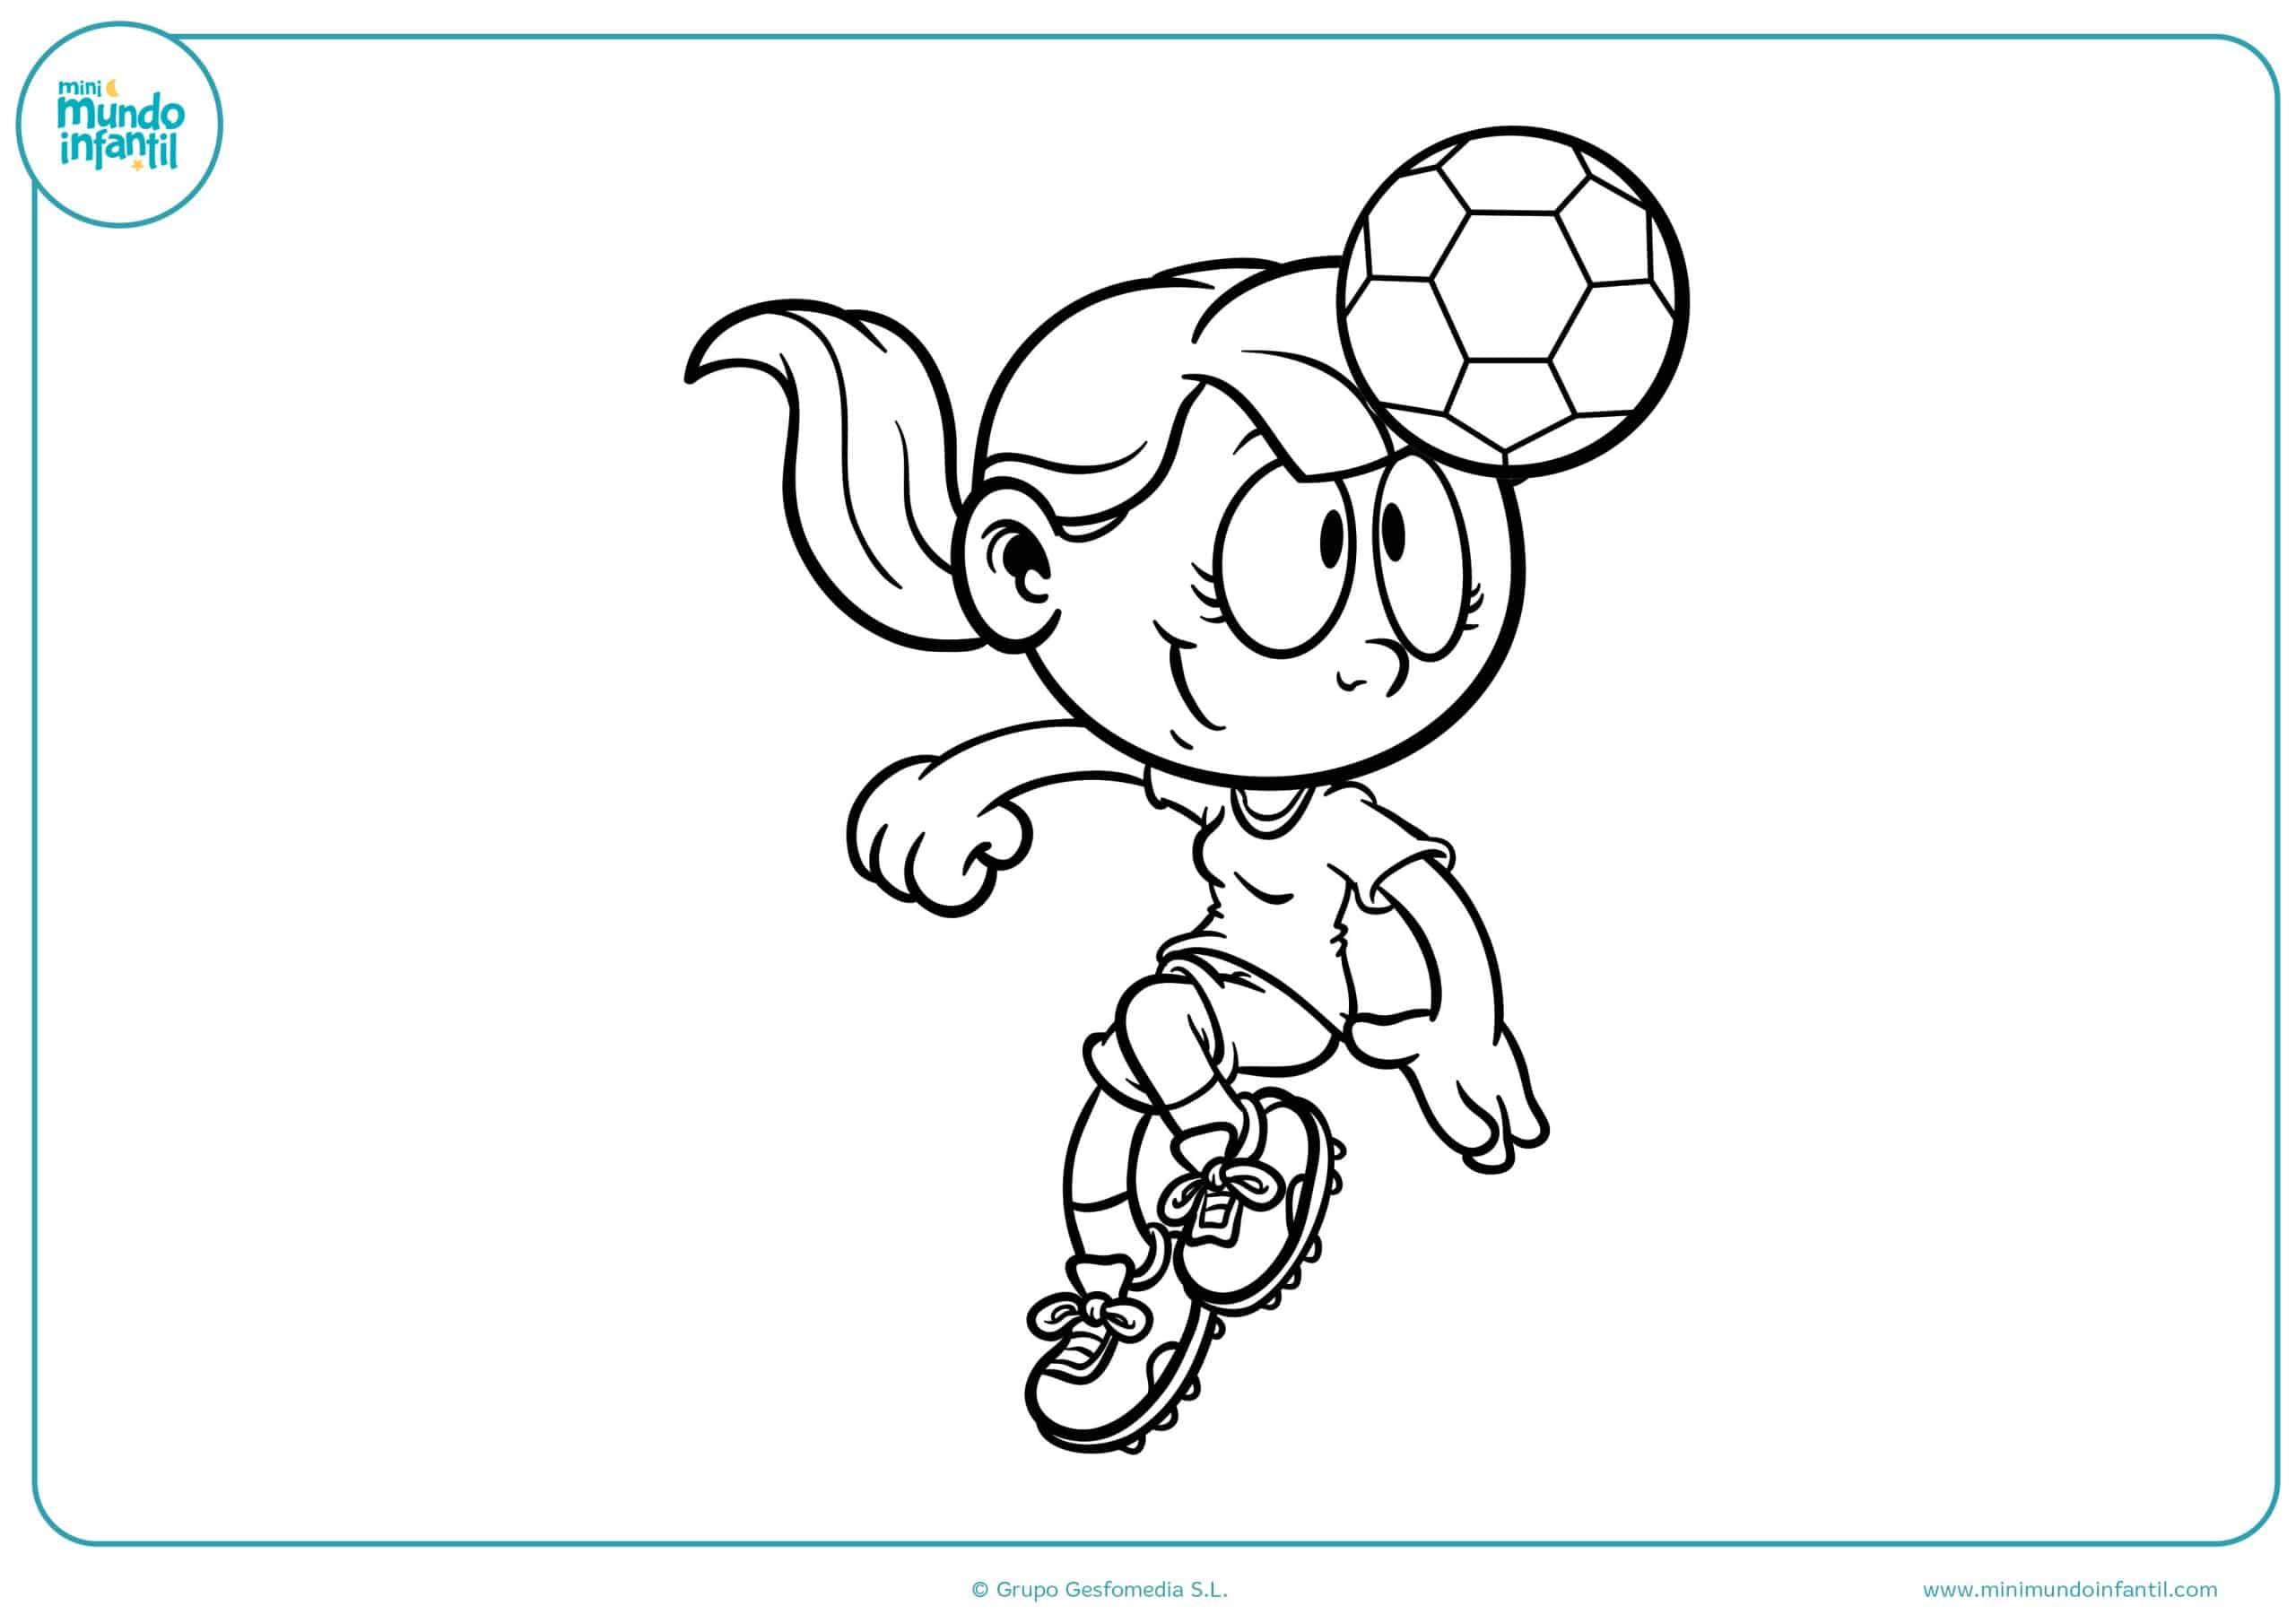 Juego Para Colorear: Los Mejores Dibujos De Fútbol Para Colorear E Imprimir